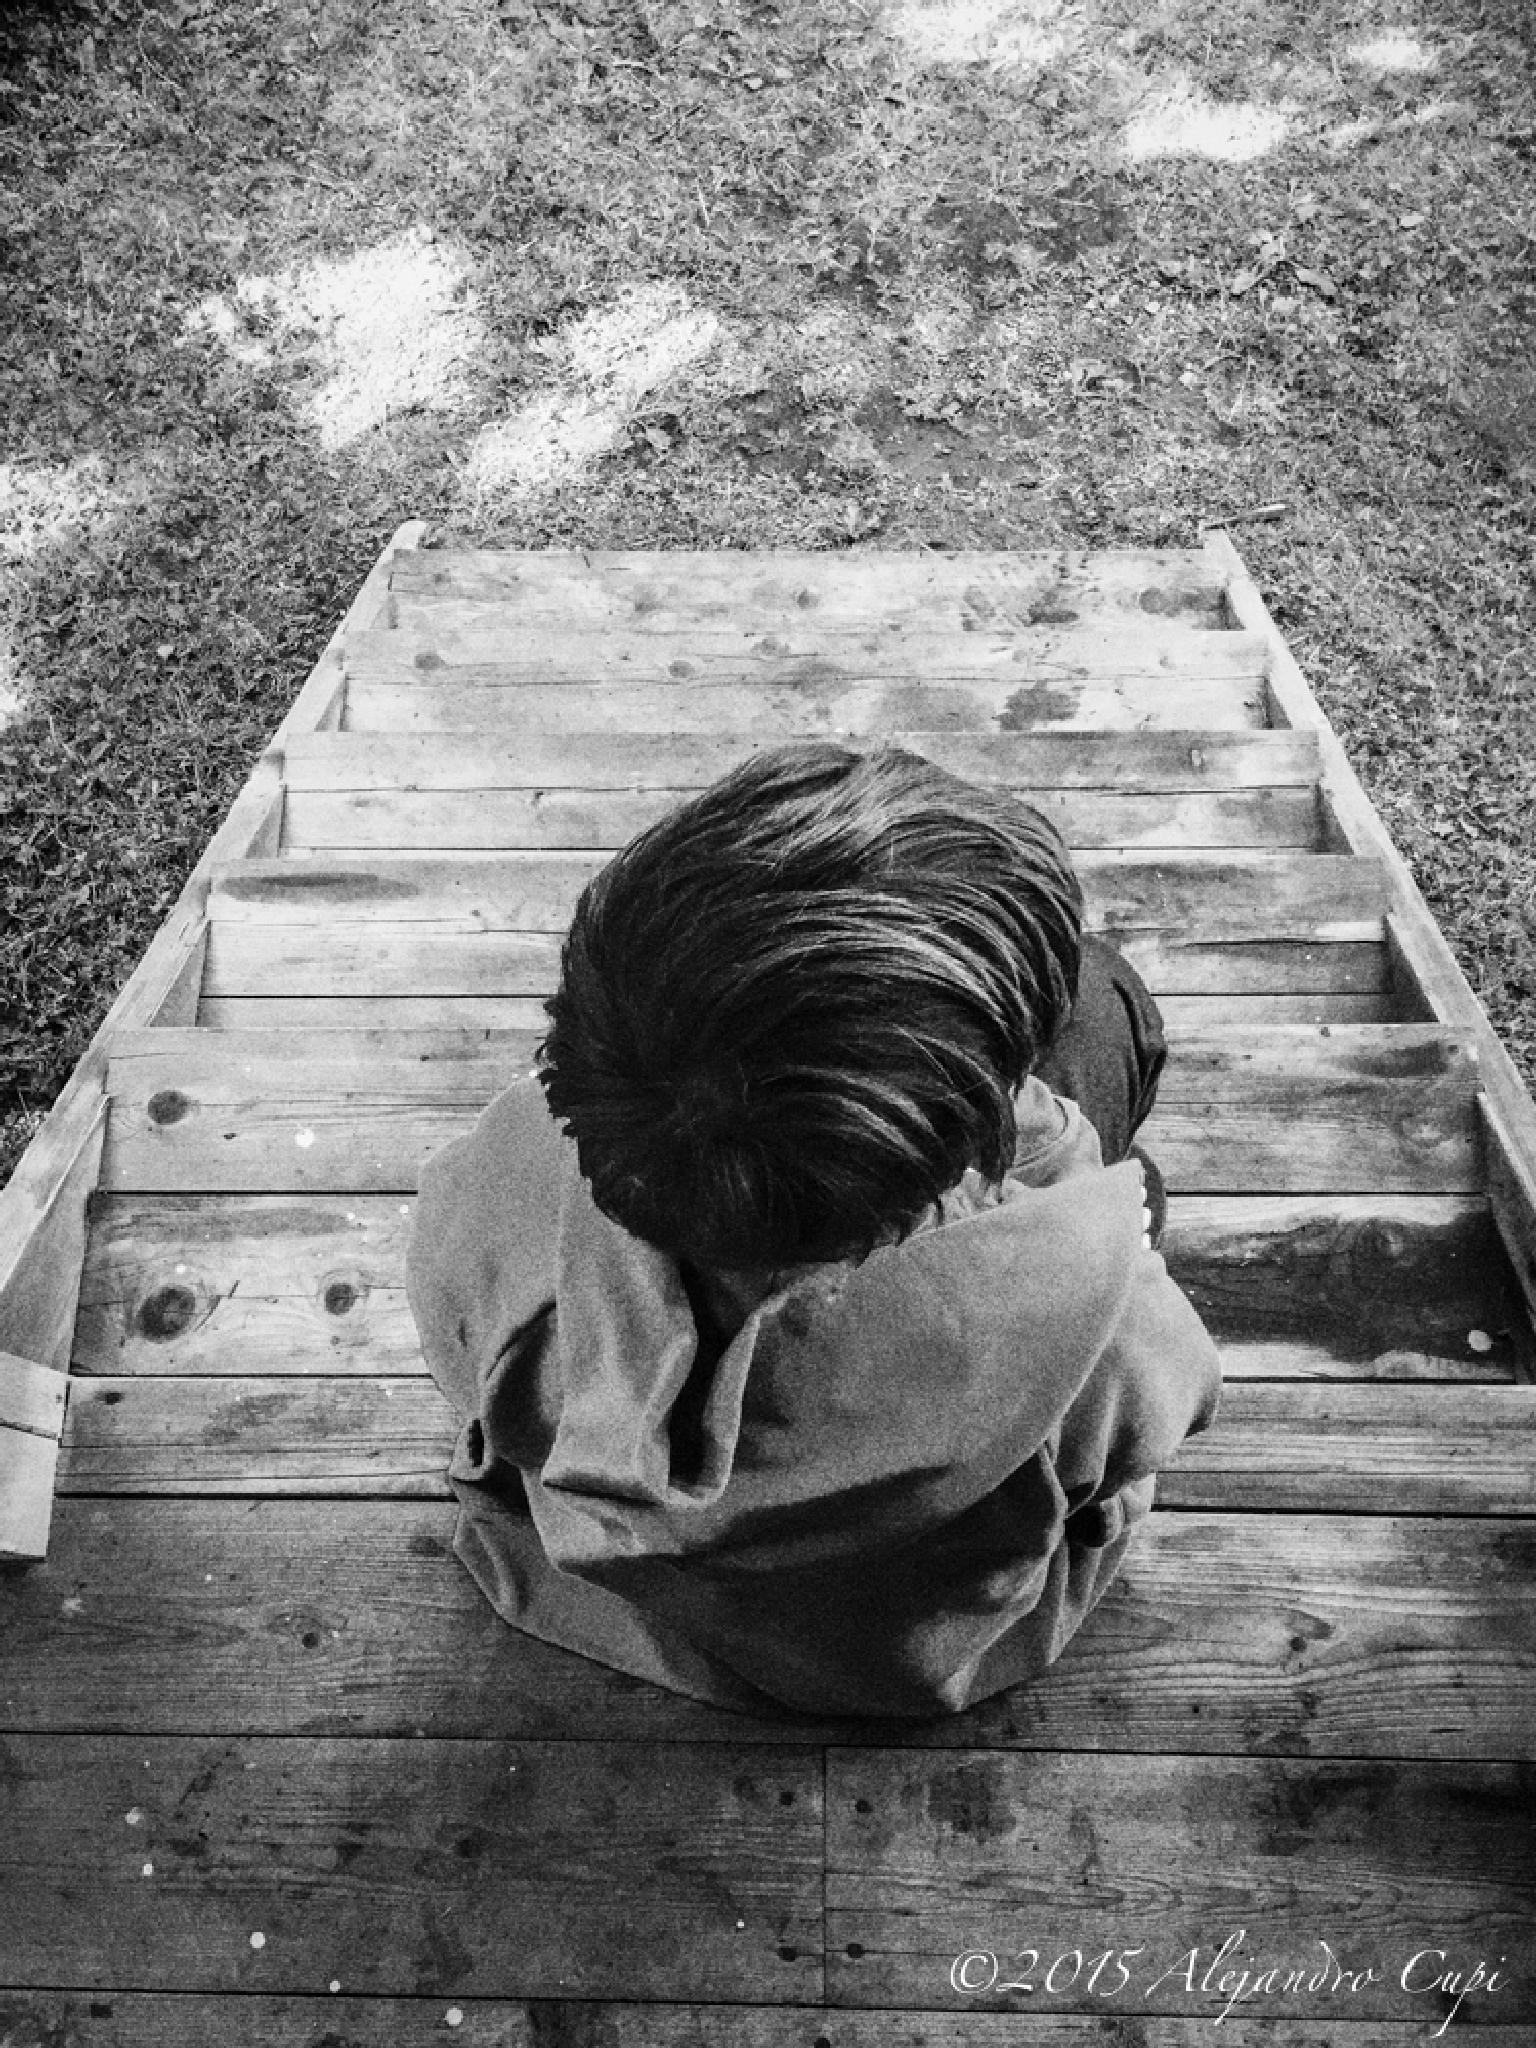 Waiting by Alejandro Cupi